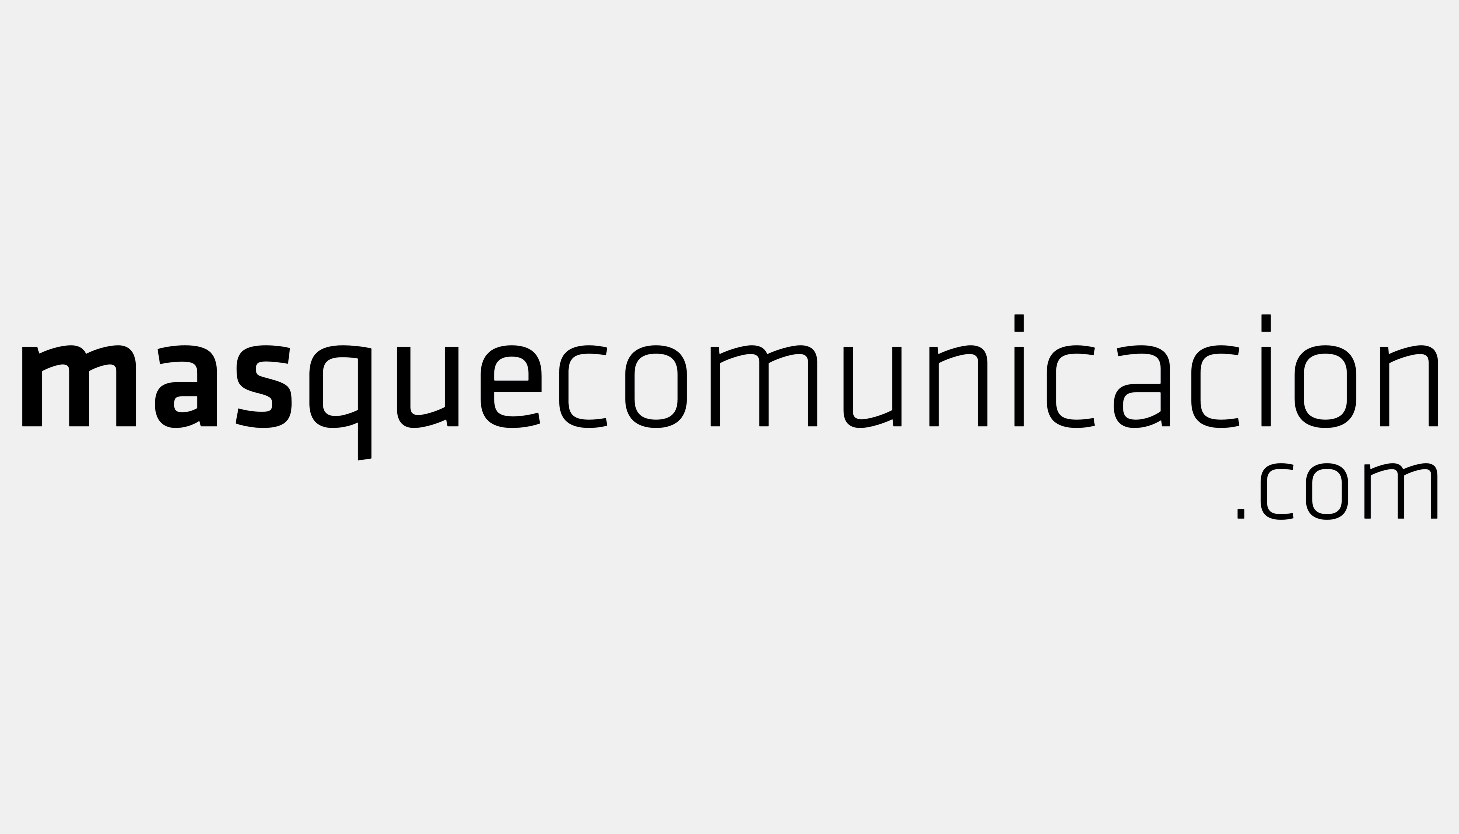 masquecomunicacion.com